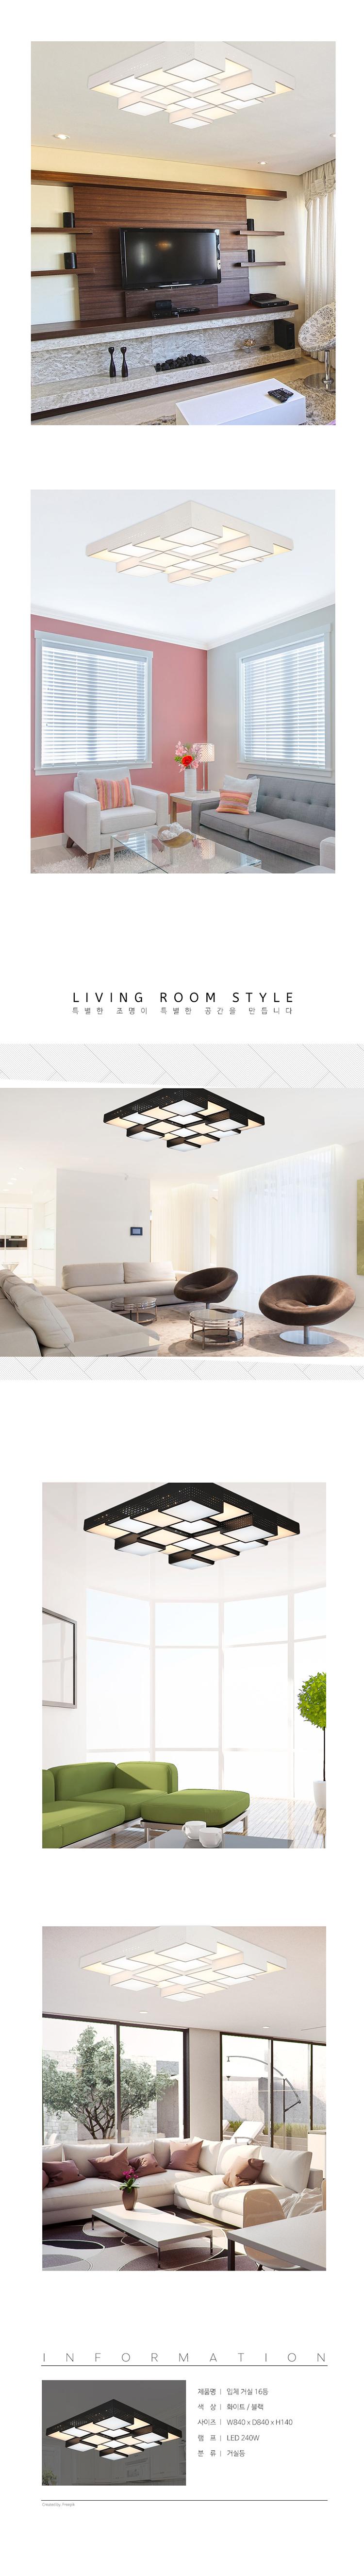 LED 입체 16등 거실등 240W 상세 2.jpg